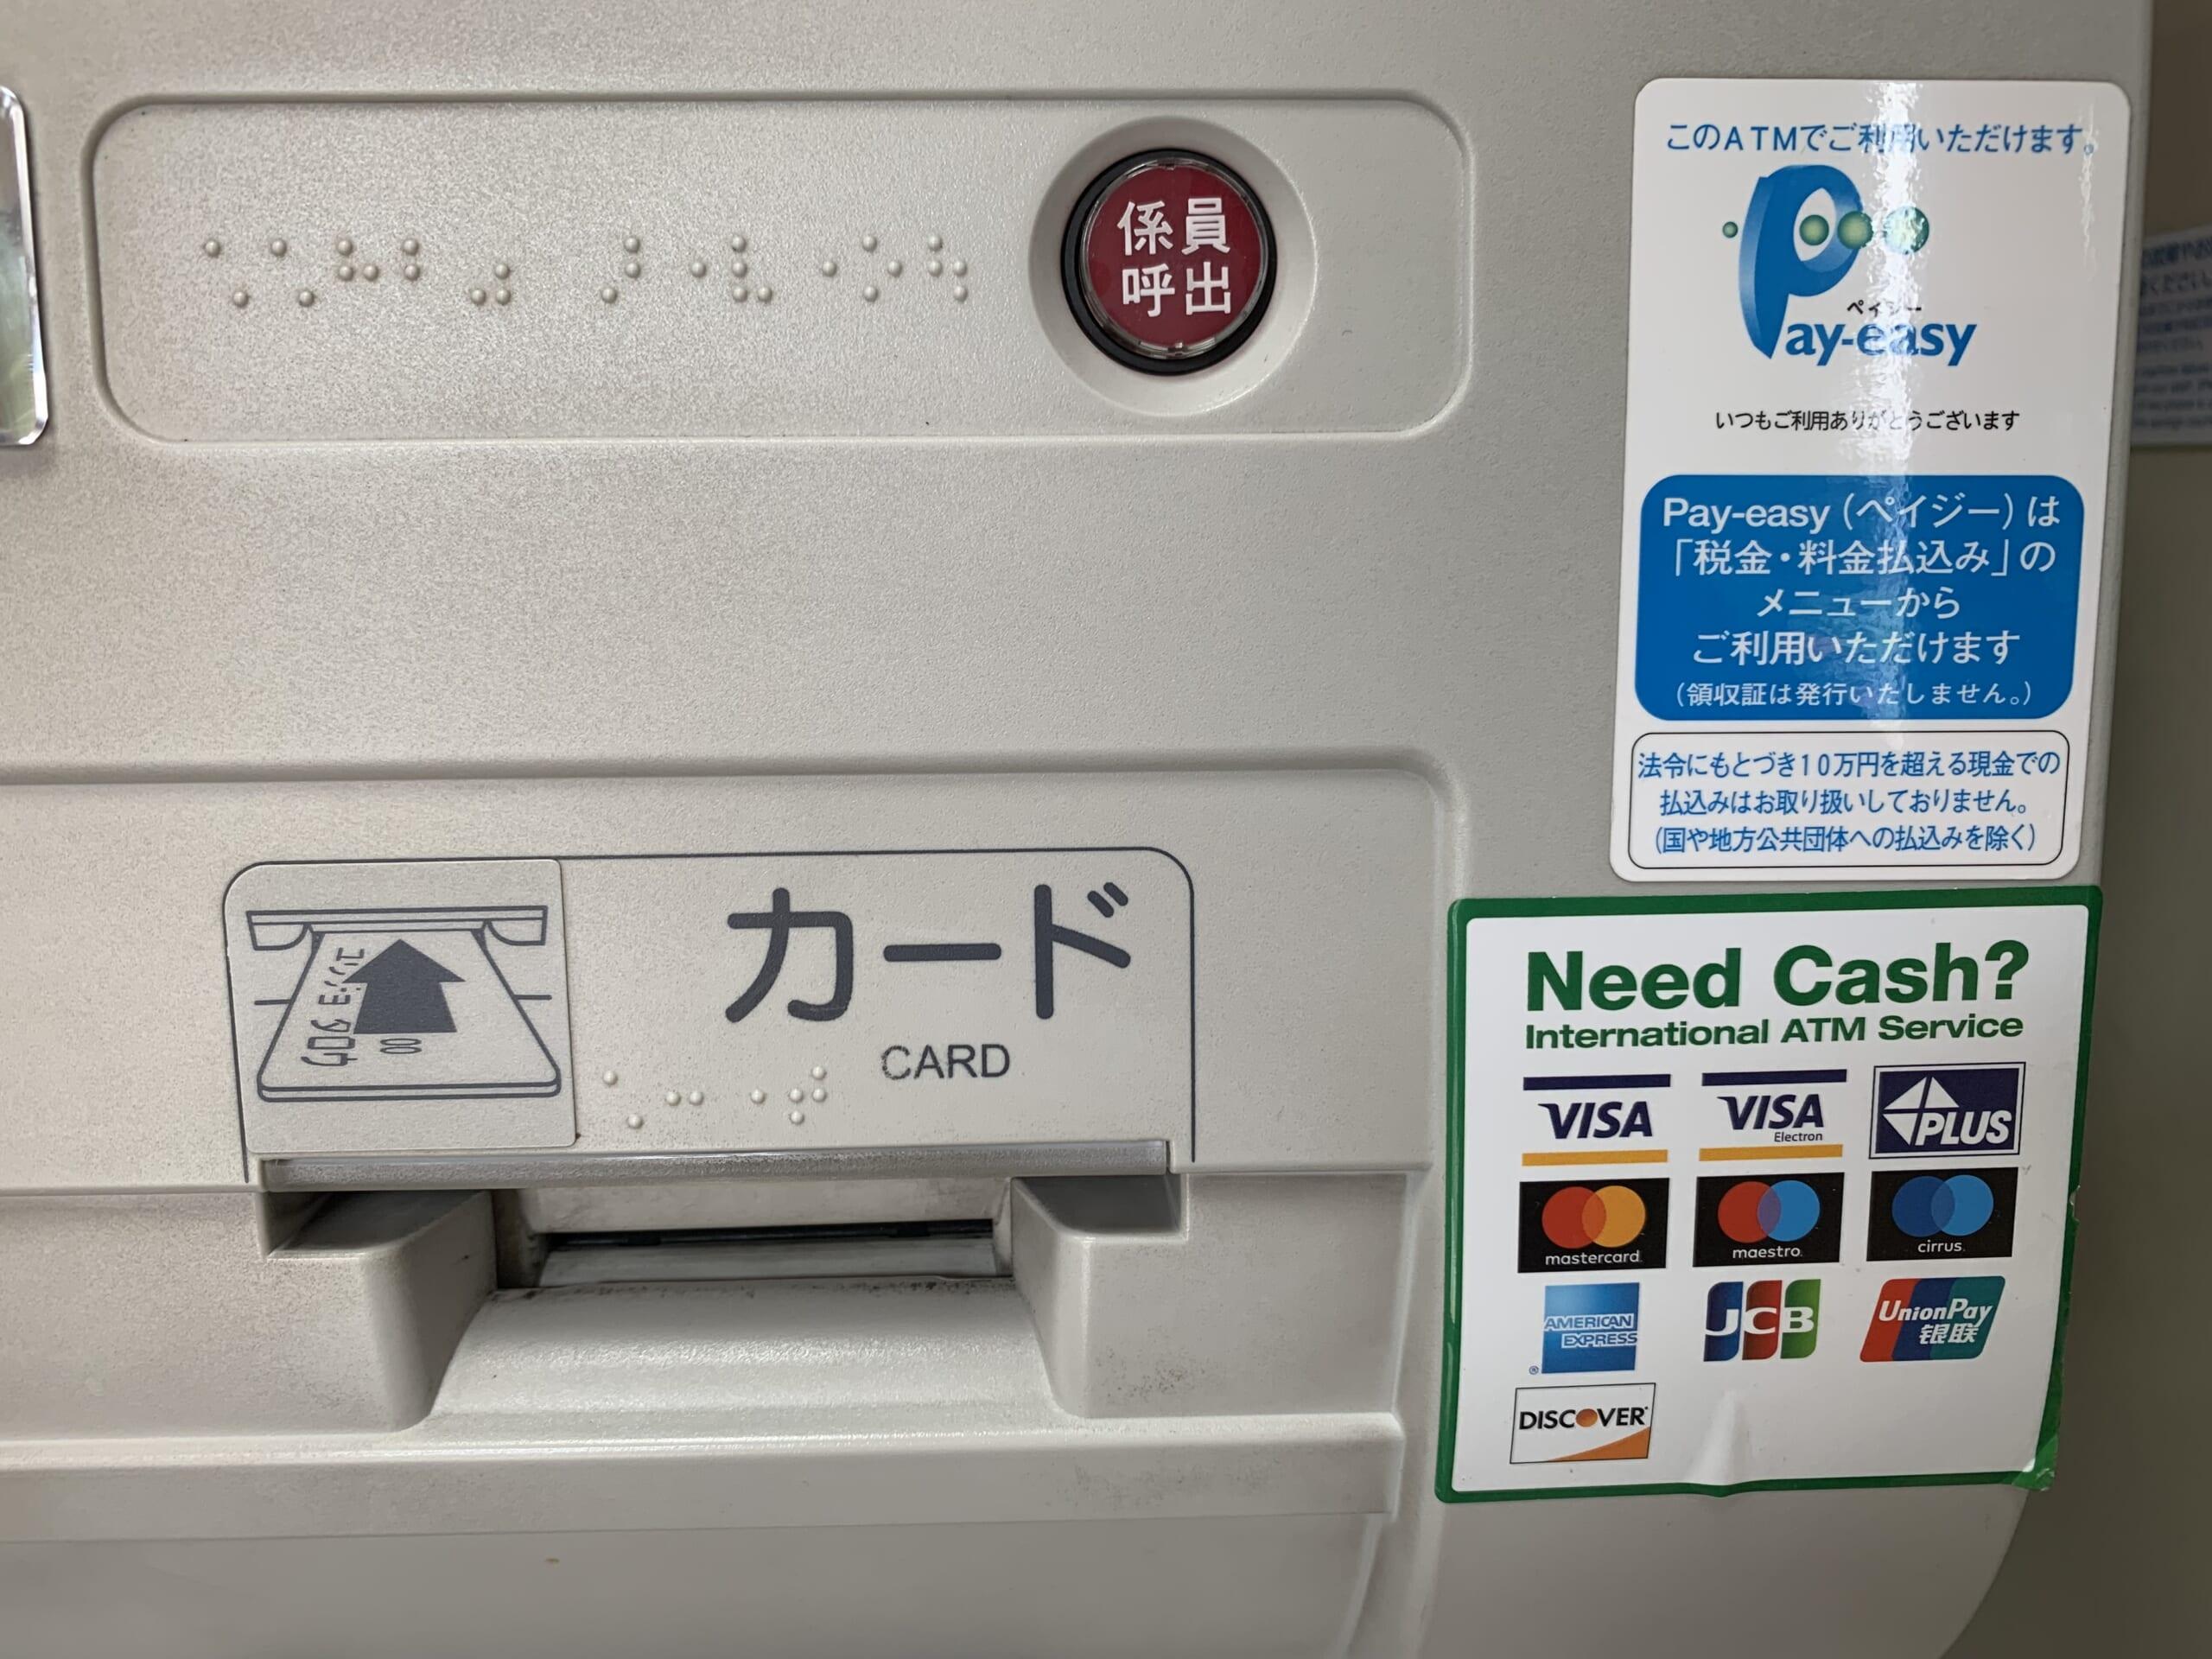 logos sur un distributeur japonais indiquant quelles cartes sont acceptées